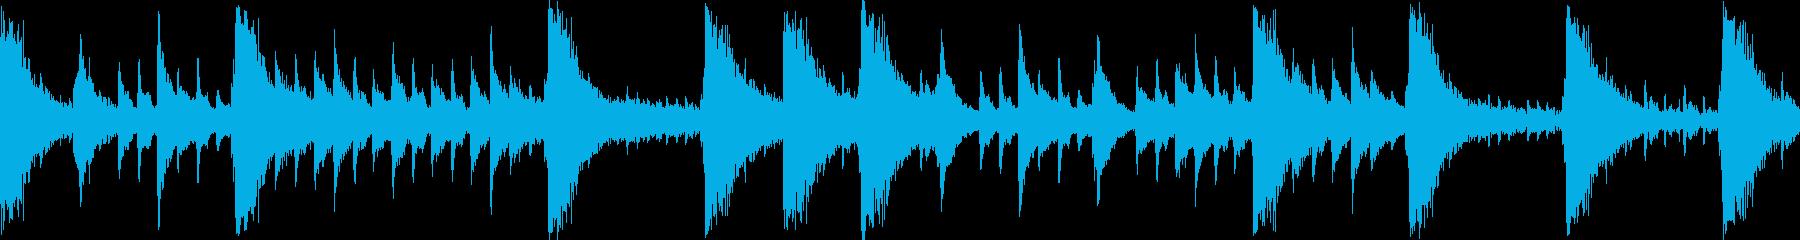 お城でのちょっとした出来事のバックBGMの再生済みの波形